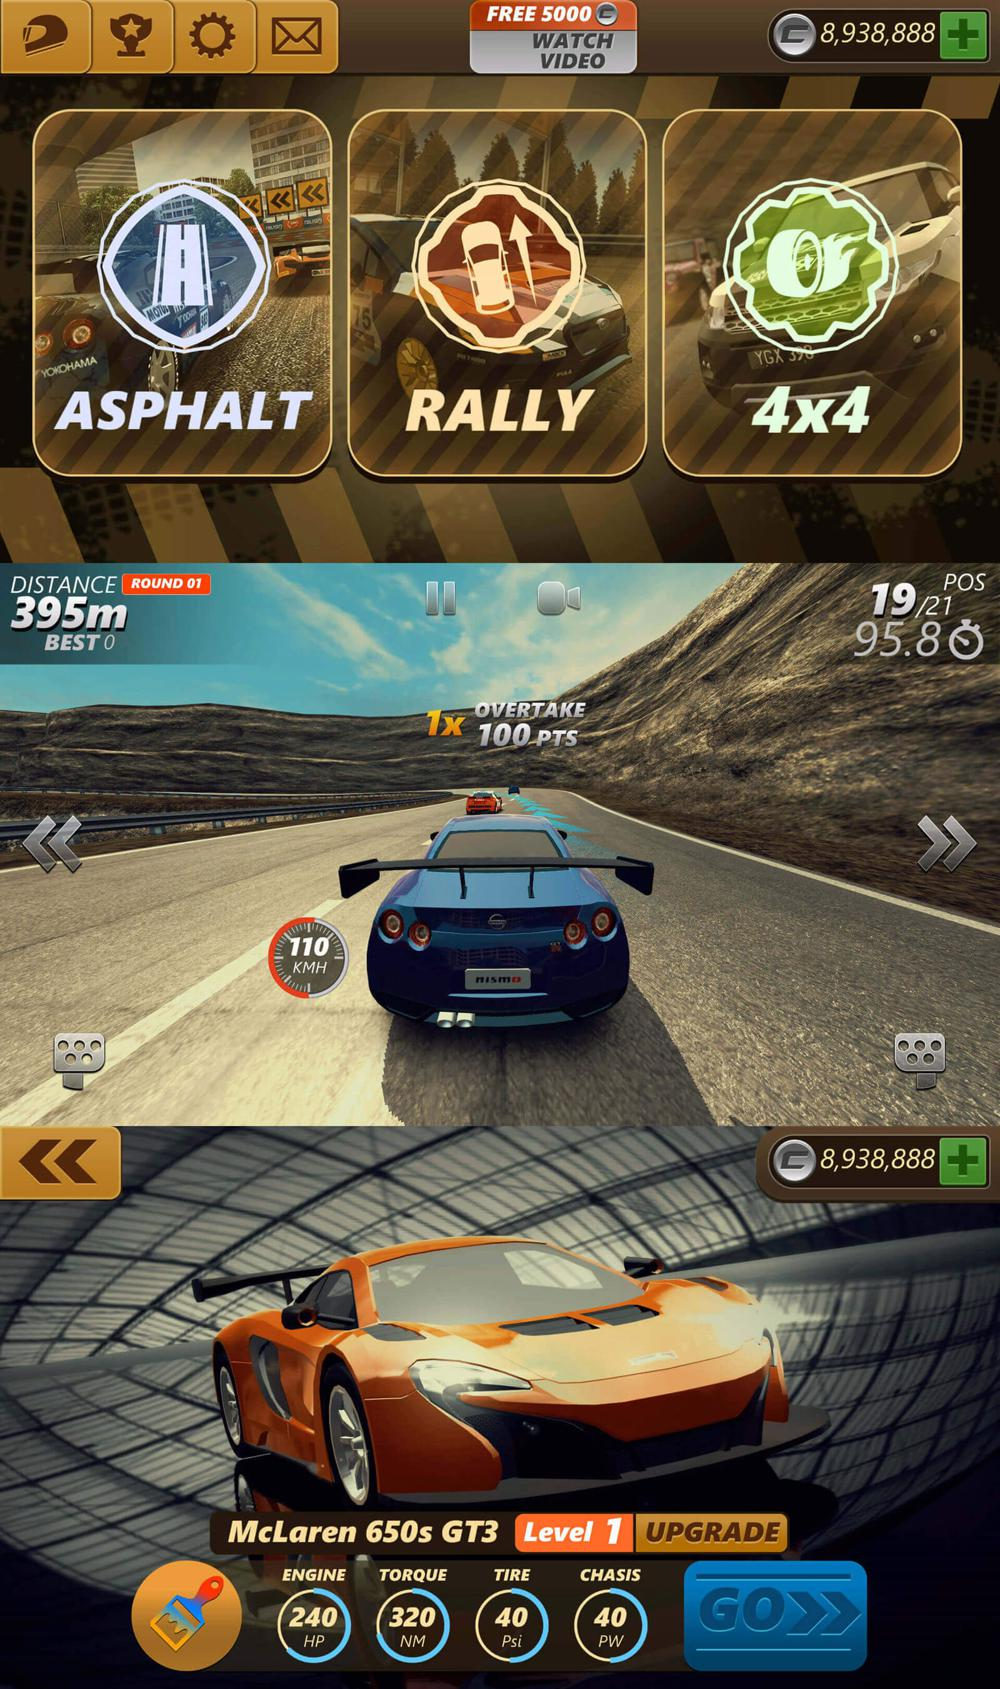 赛车竞速游戏 越野赛